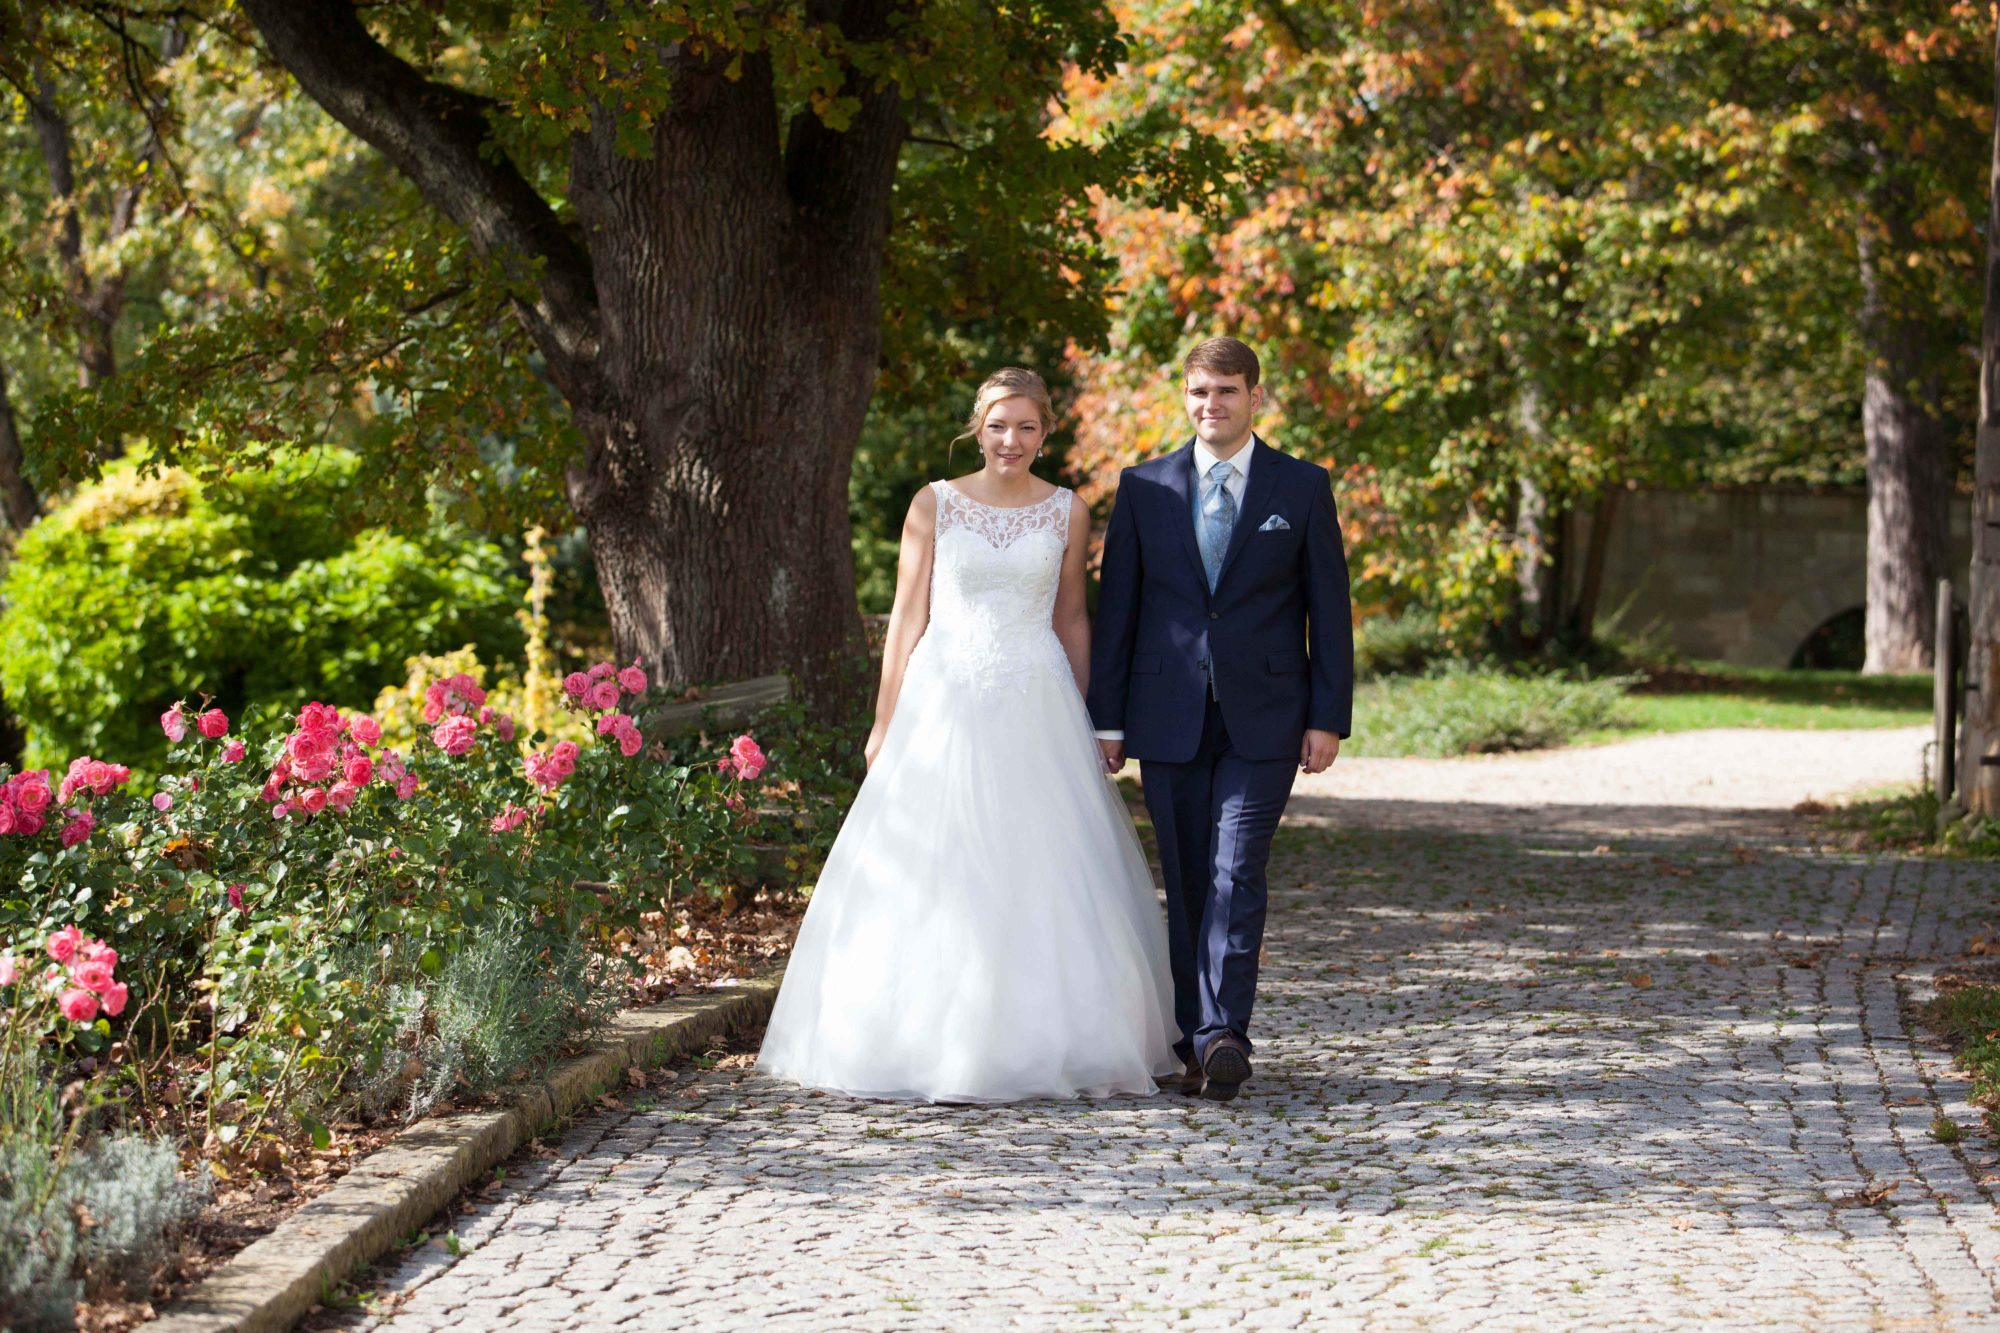 Hochzeit, Hochzeitsfotografie, Kloster Lorch, Brautpaarshooting, Hochzeitsfotograf, Schwäbisch Gmünd